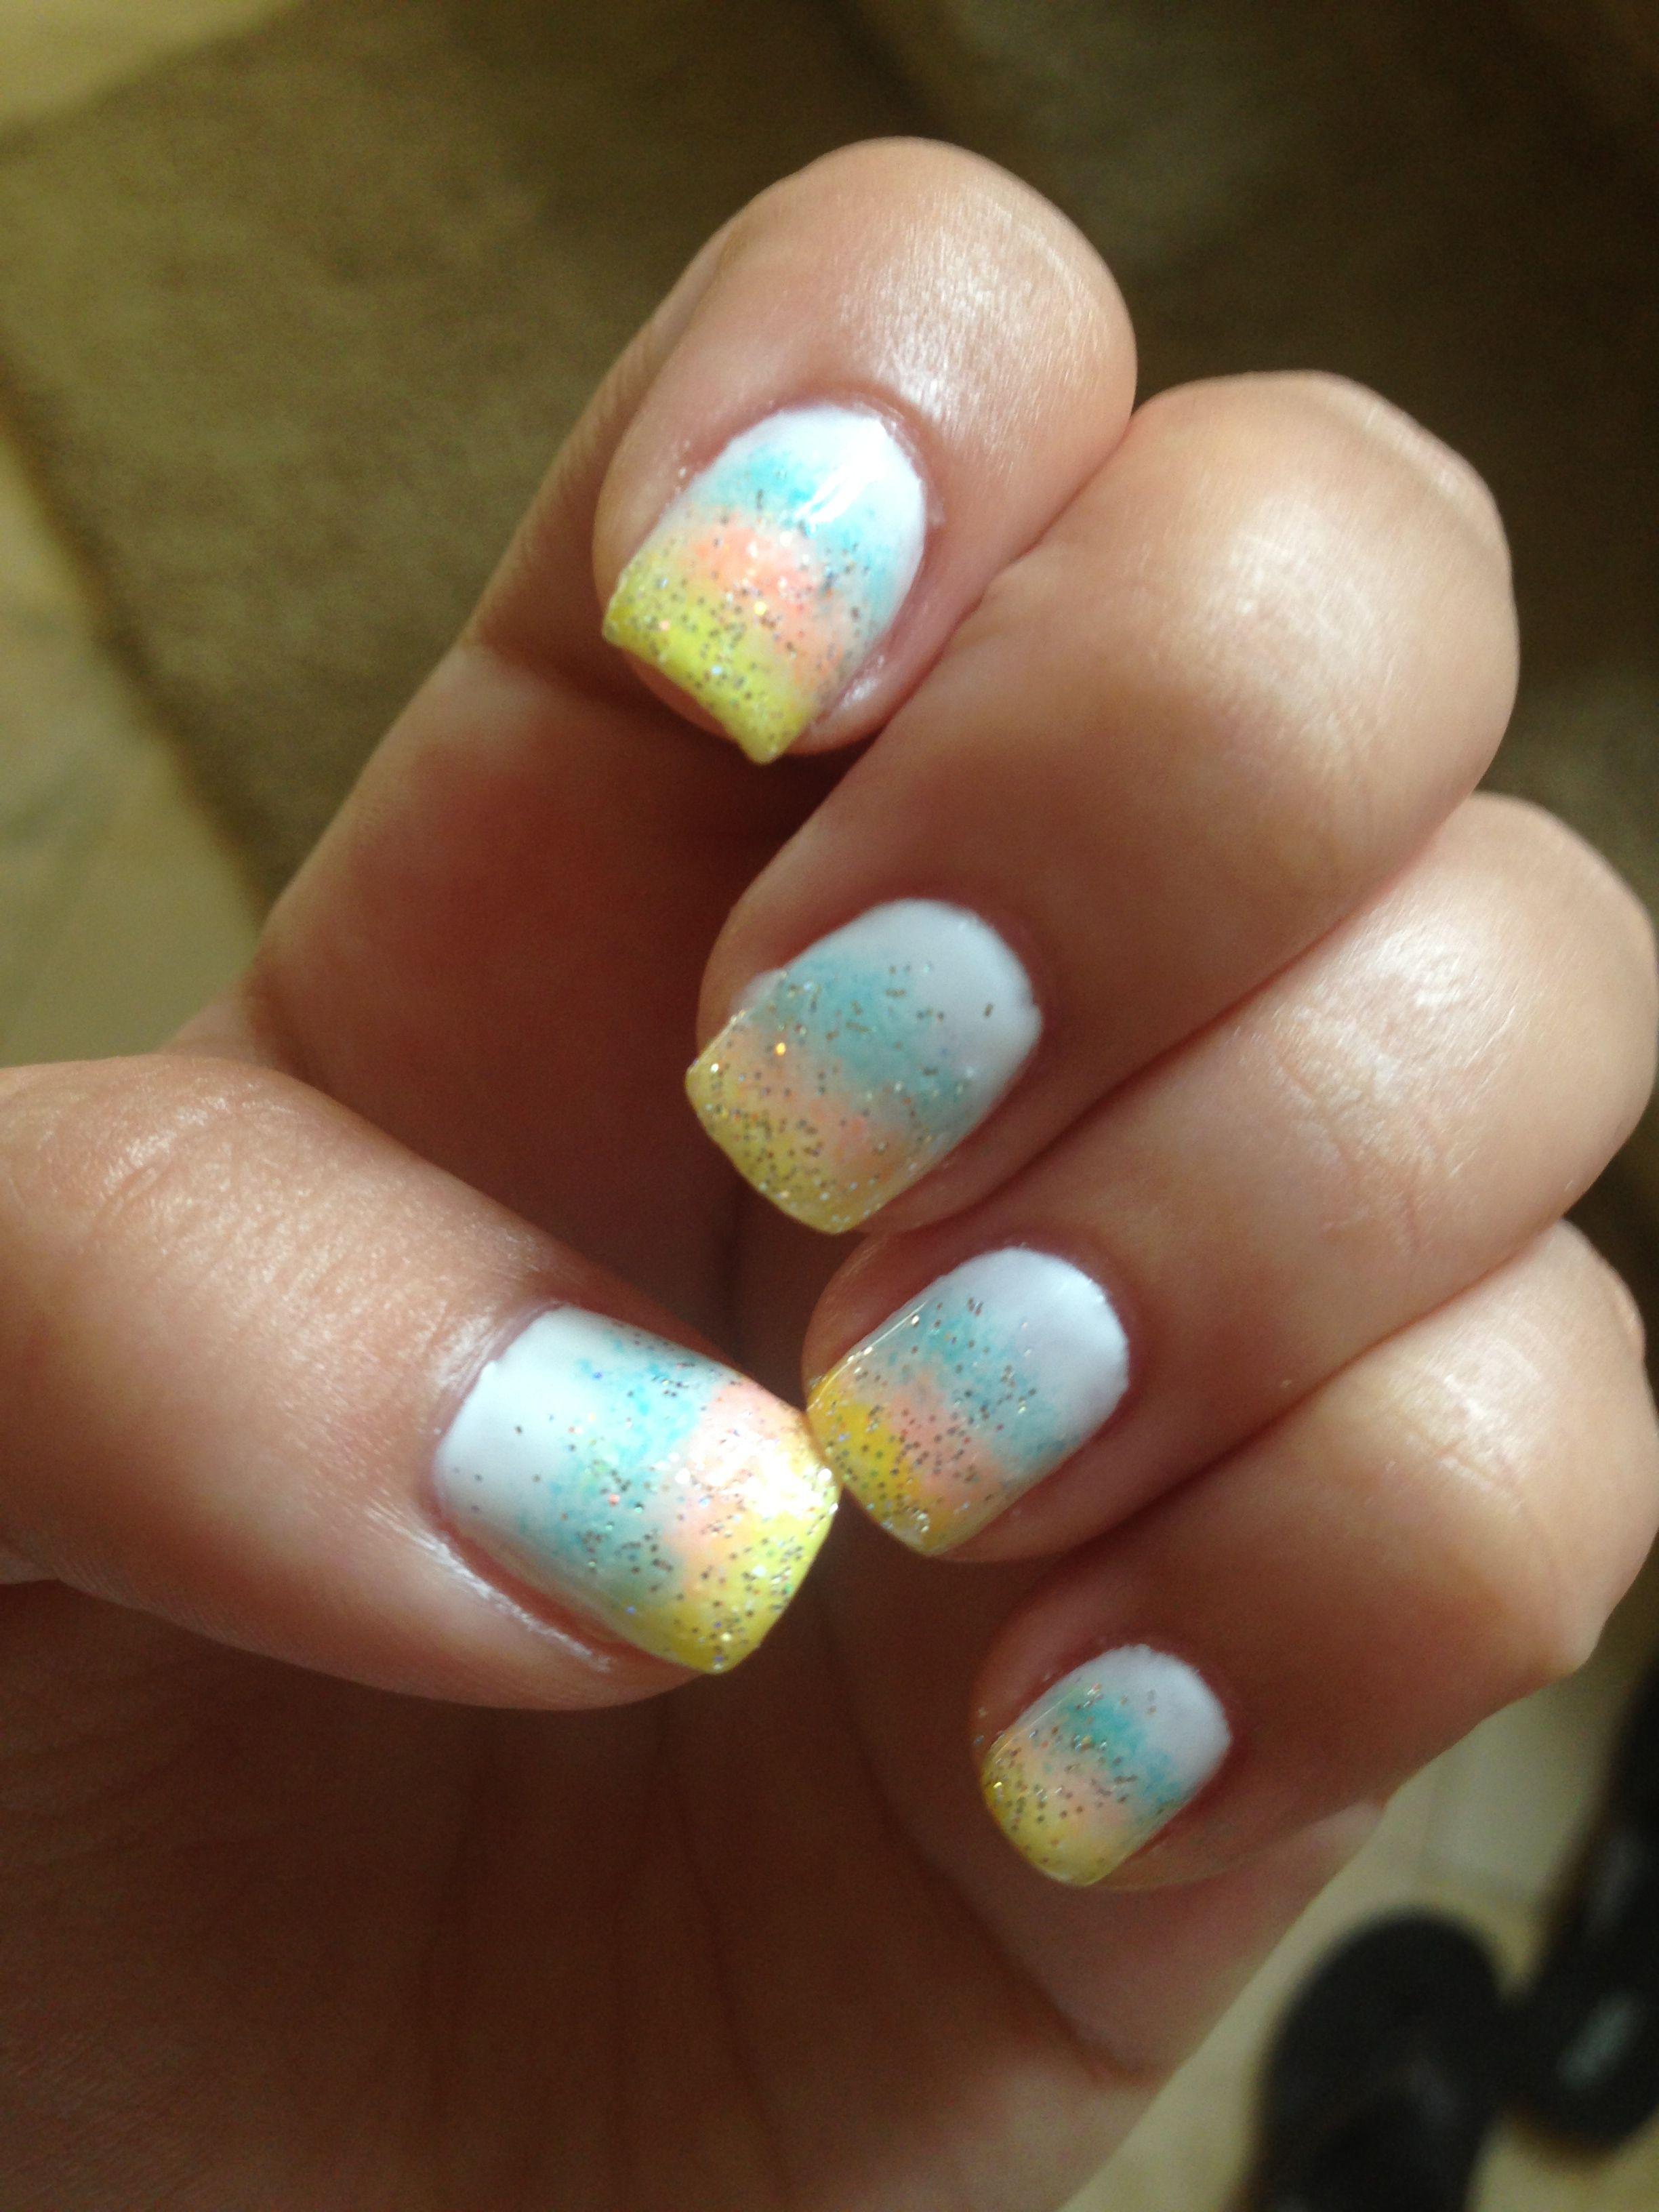 3 color Faded gel nails | Gel nails | Pinterest